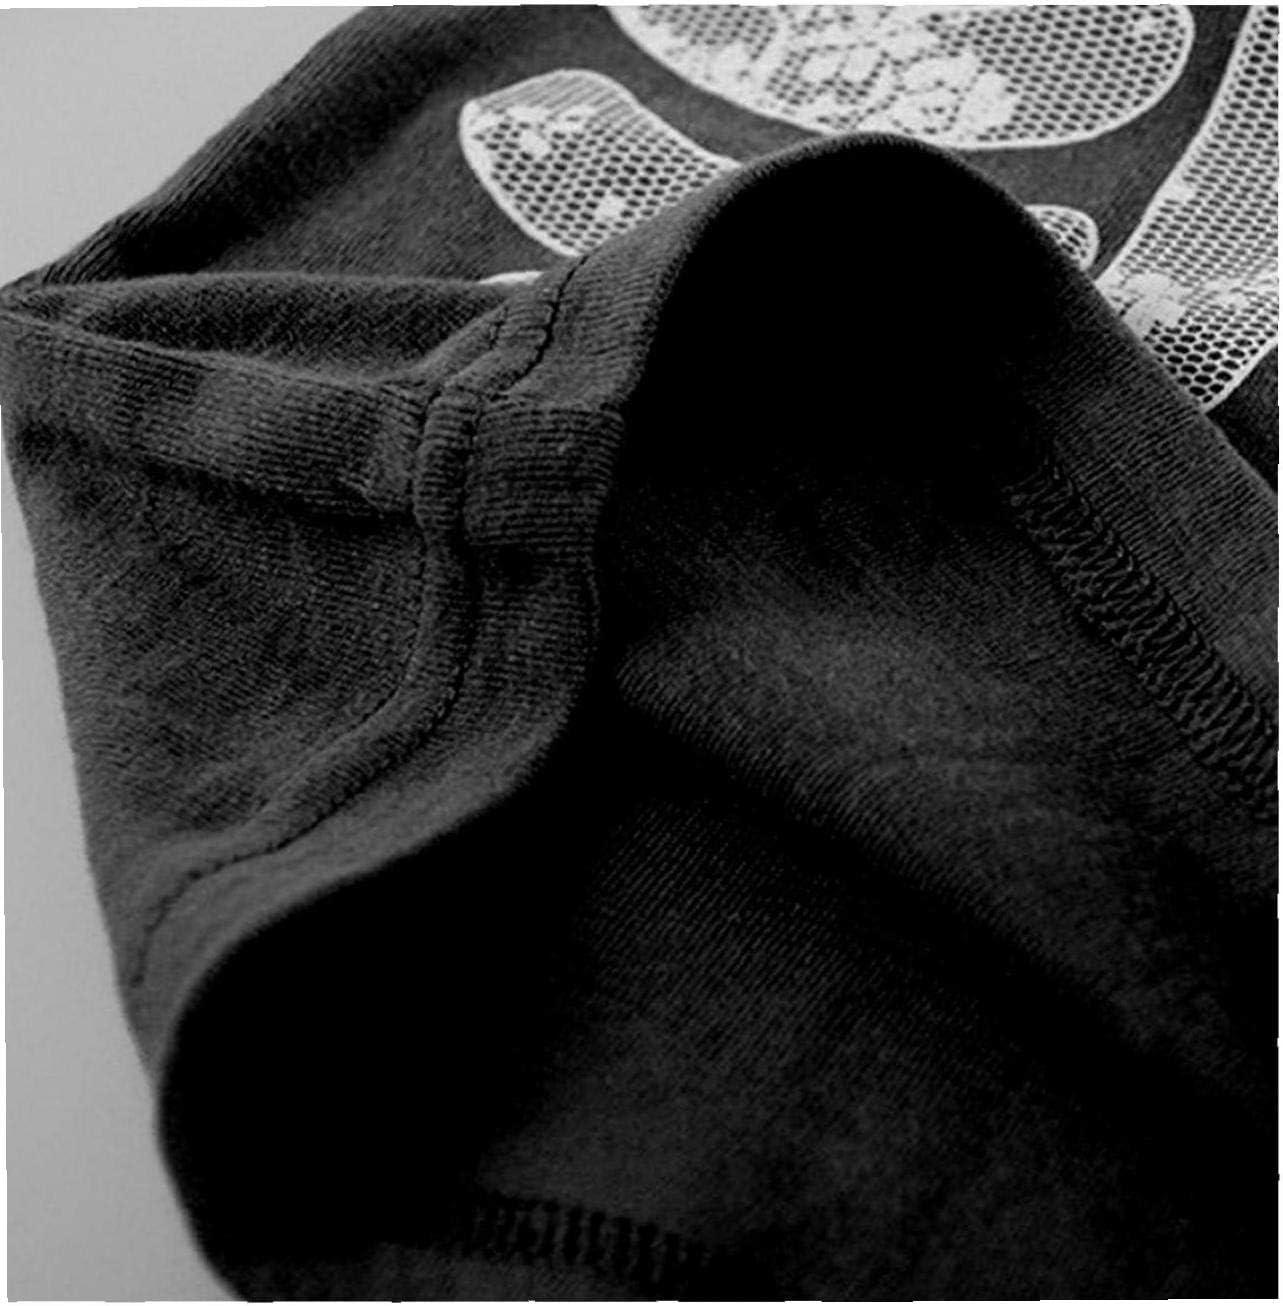 lujiaoshout Pijamas de Halloween noctilucentes Huesos cr/áneo Traje de algod/ón Puro c/ómodo 1set Pijamas de Ni/ños Ni/ñas Negro